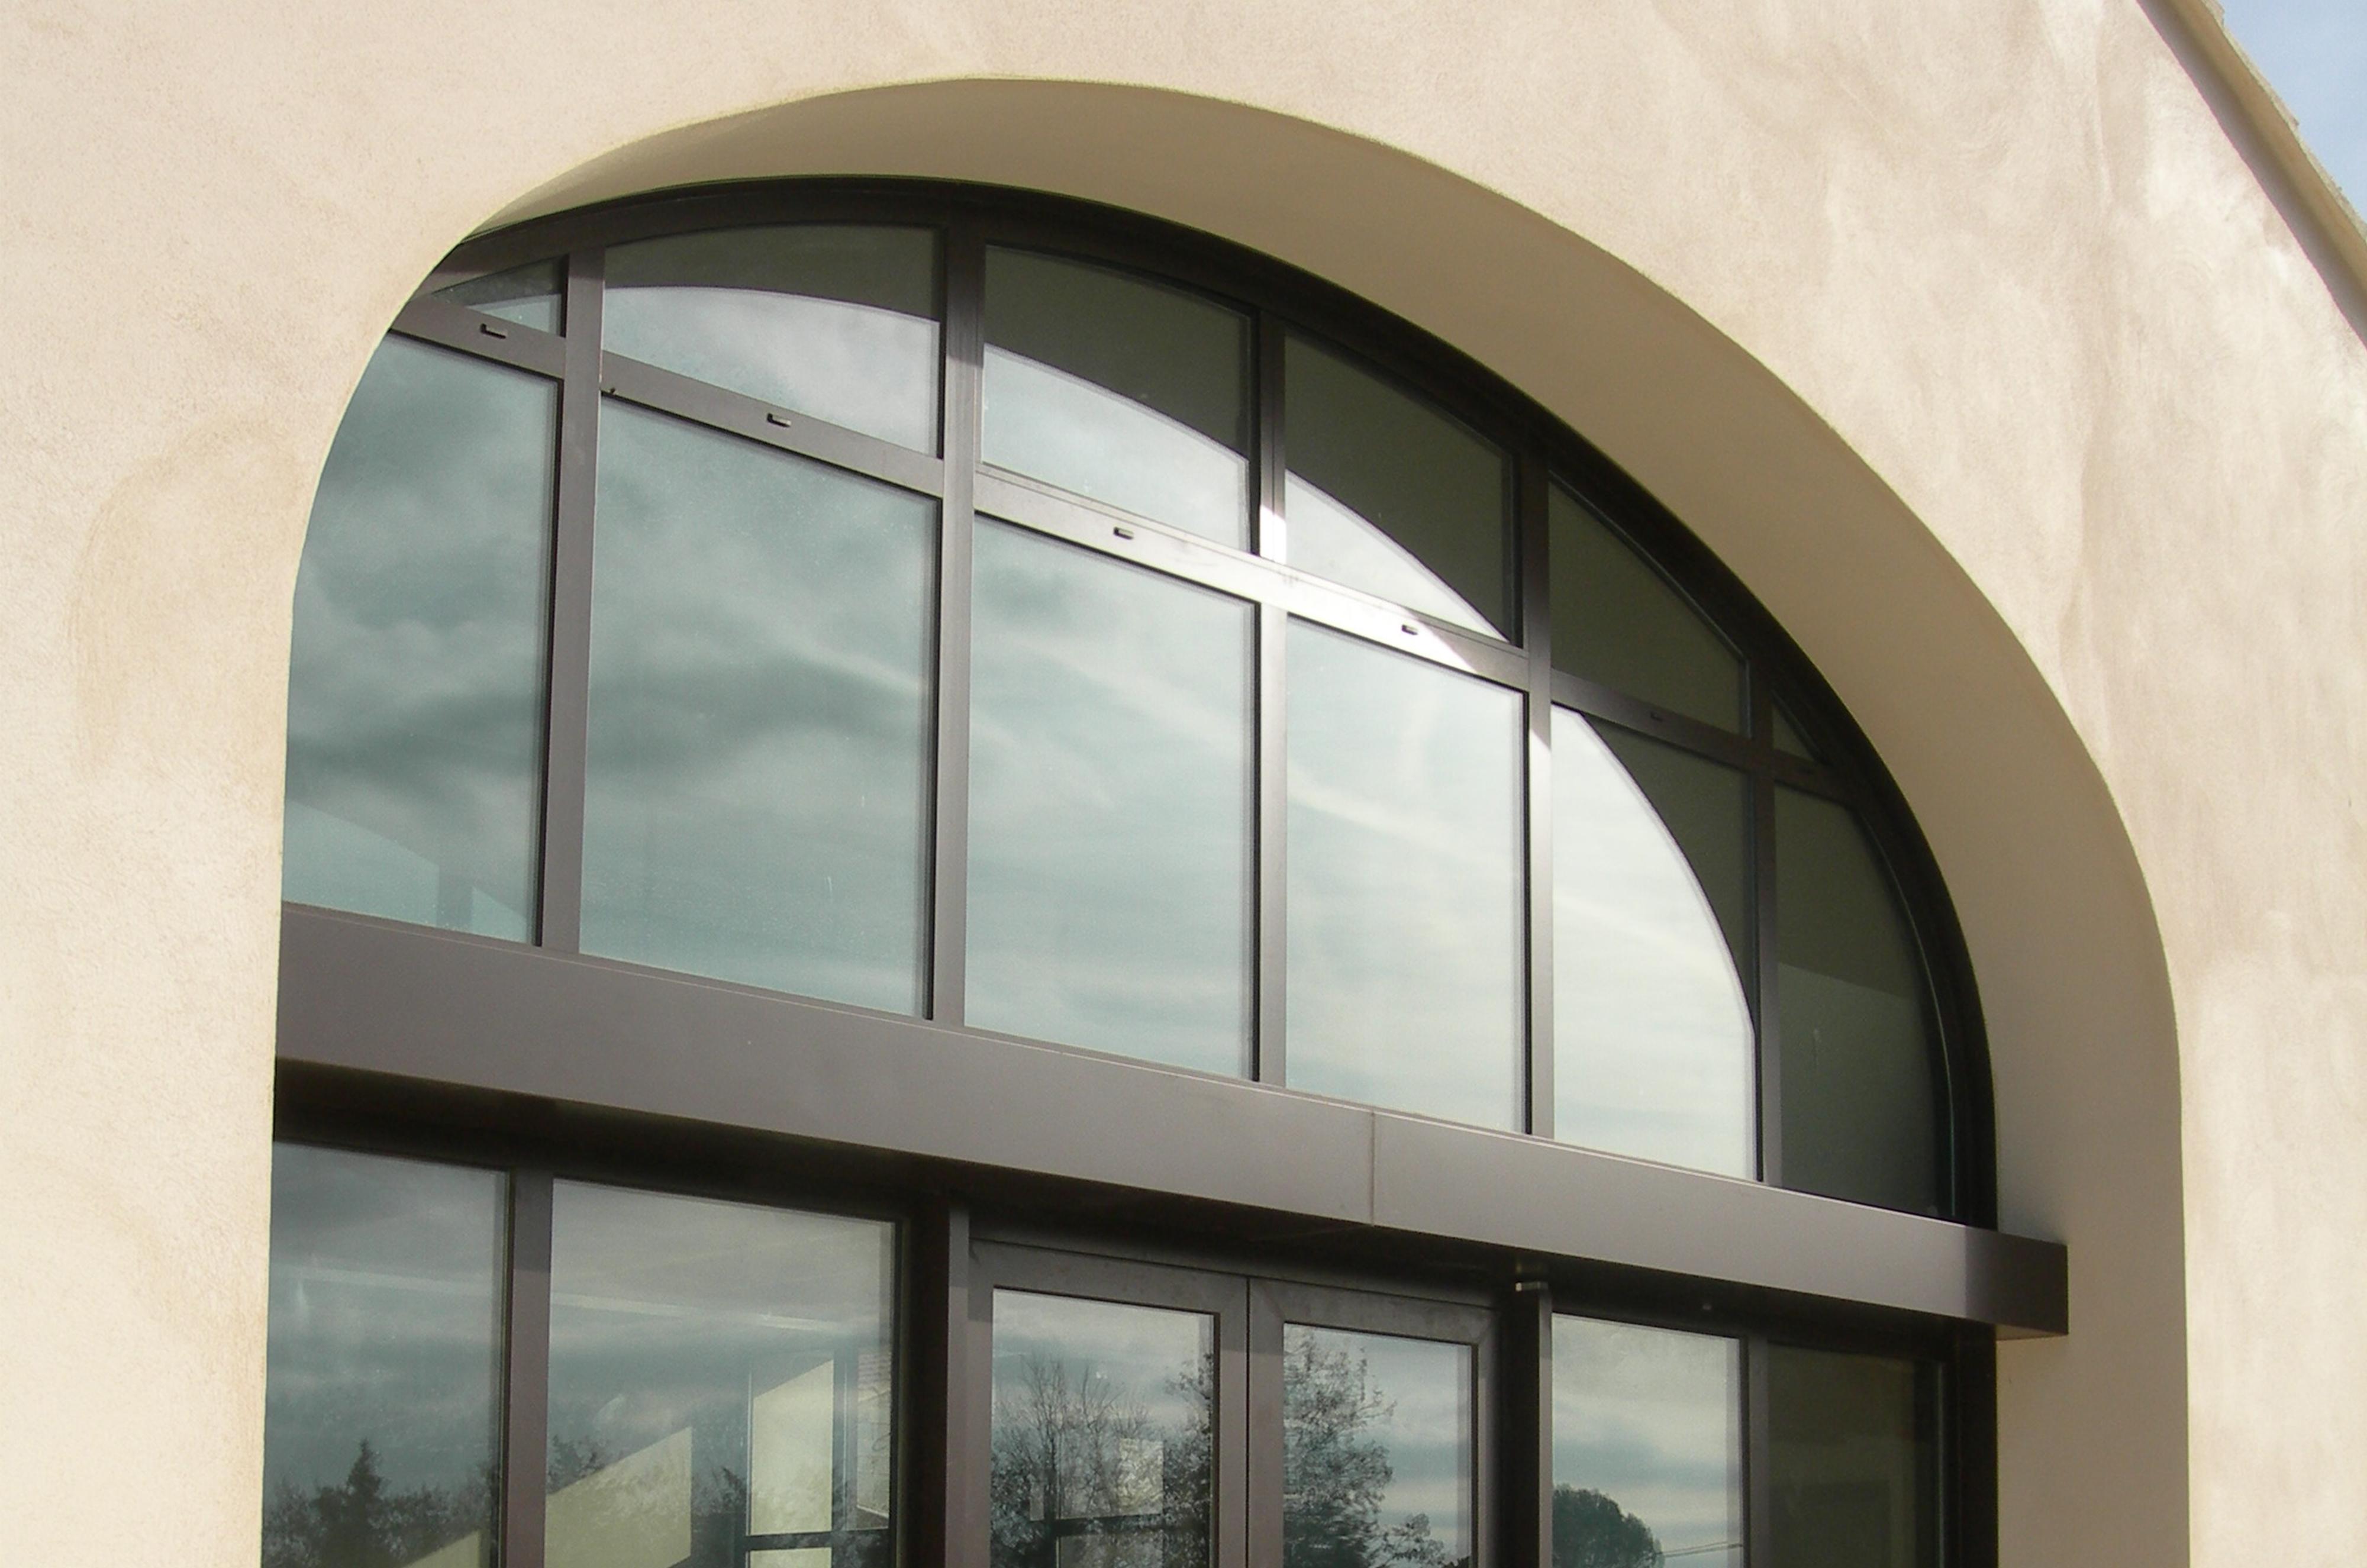 fabricant fen tres portes fen tres aluminium pvc bois. Black Bedroom Furniture Sets. Home Design Ideas